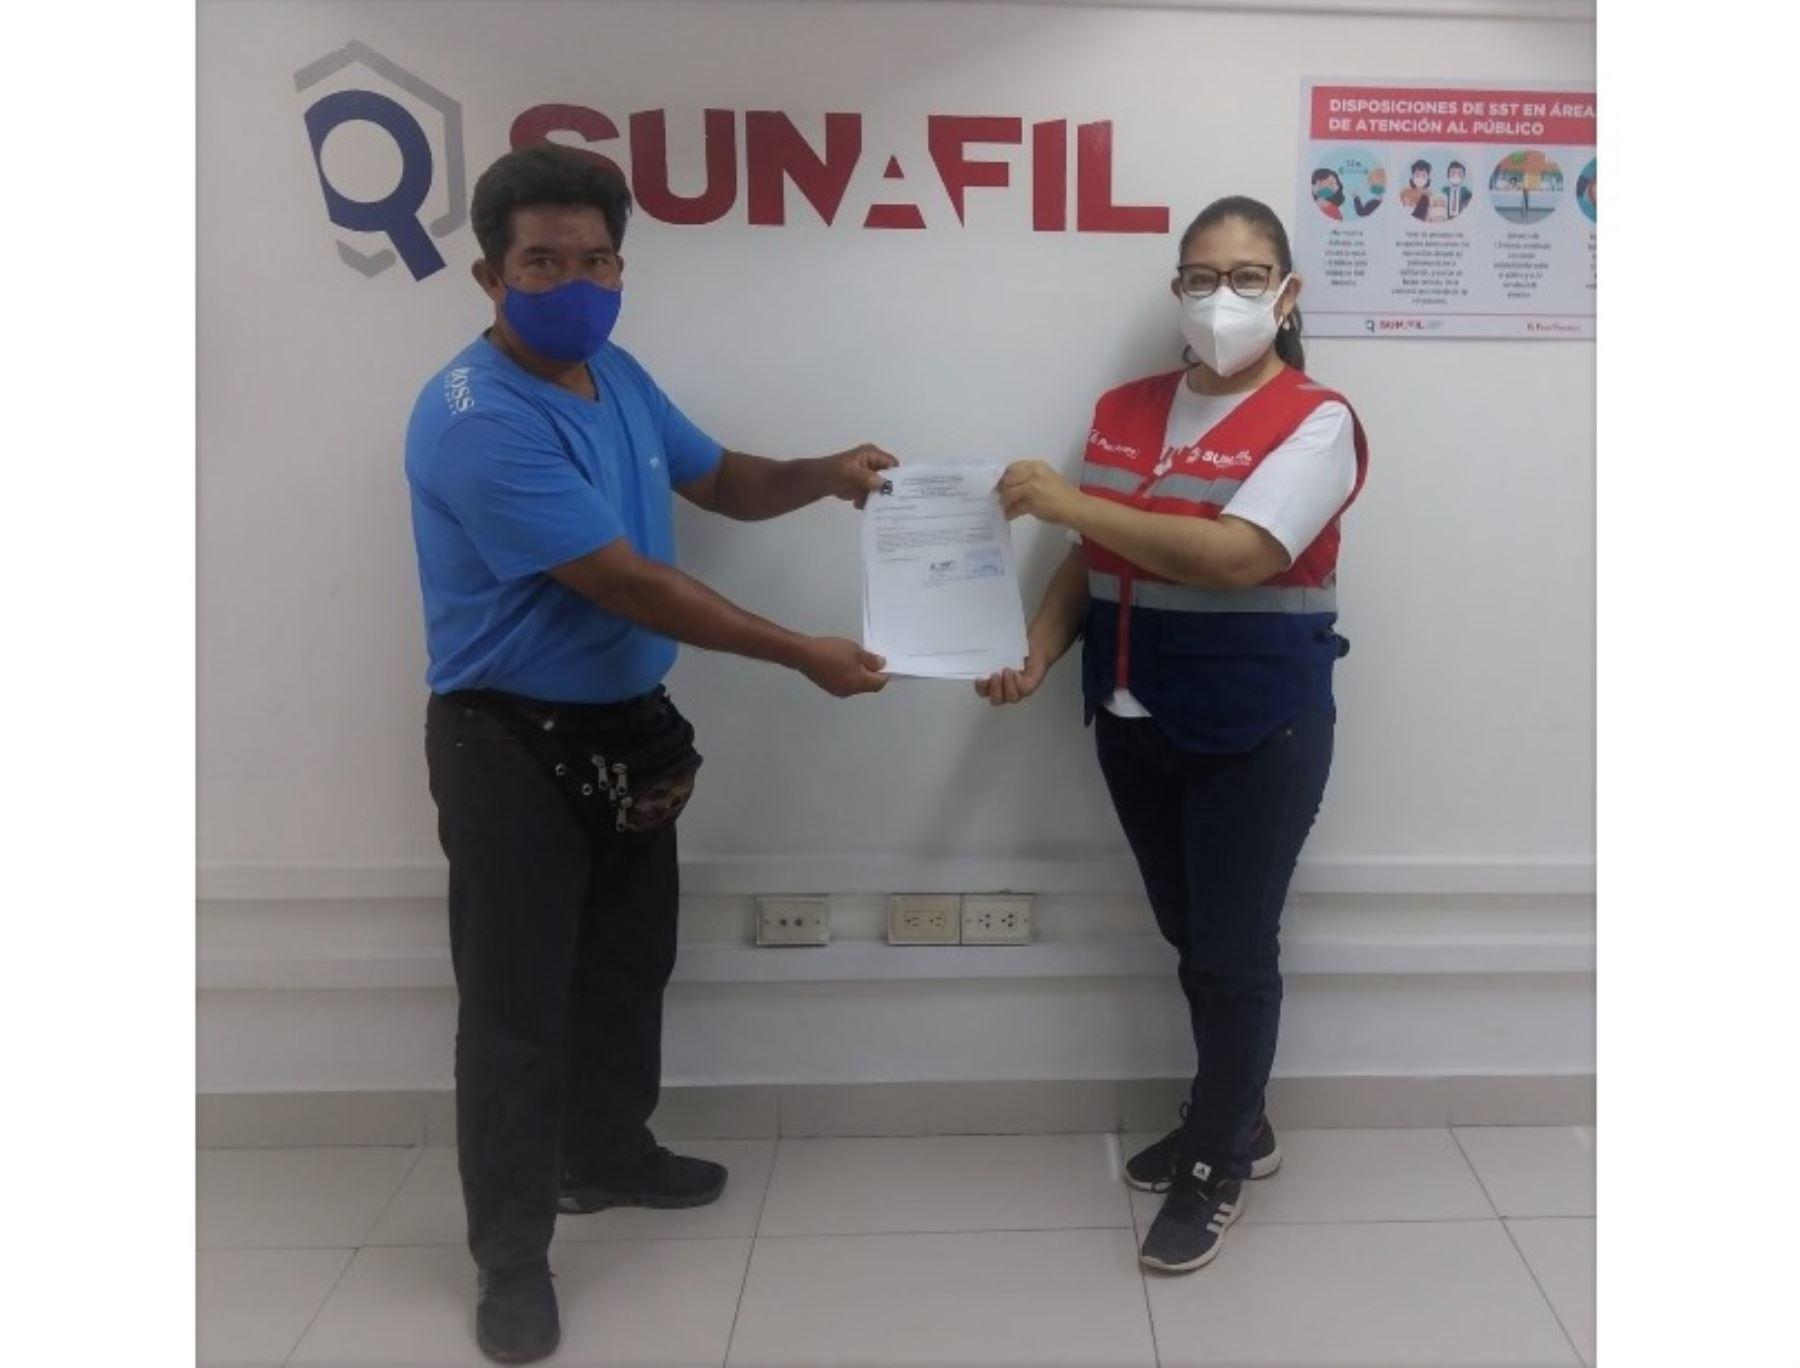 Sunafil restituye a 4 trabajadores del servicio de serenazgo de distrito loretano de Mazán, provincia de Maynas.